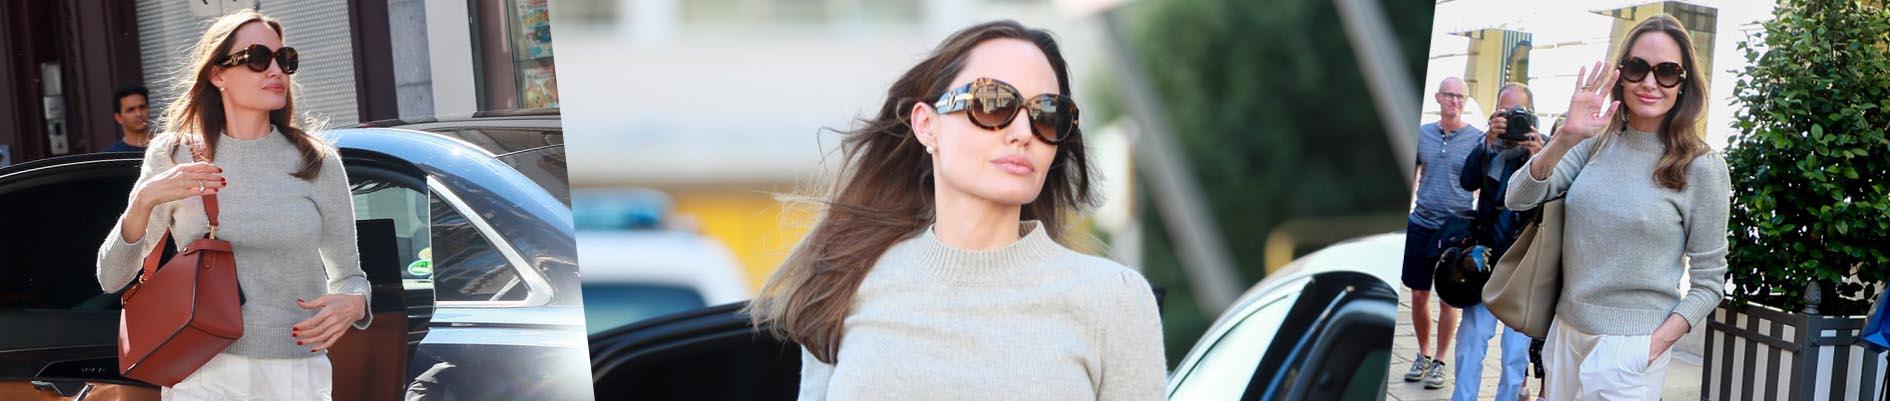 El look con básicos de Angelina Jolie (que podés copiar)